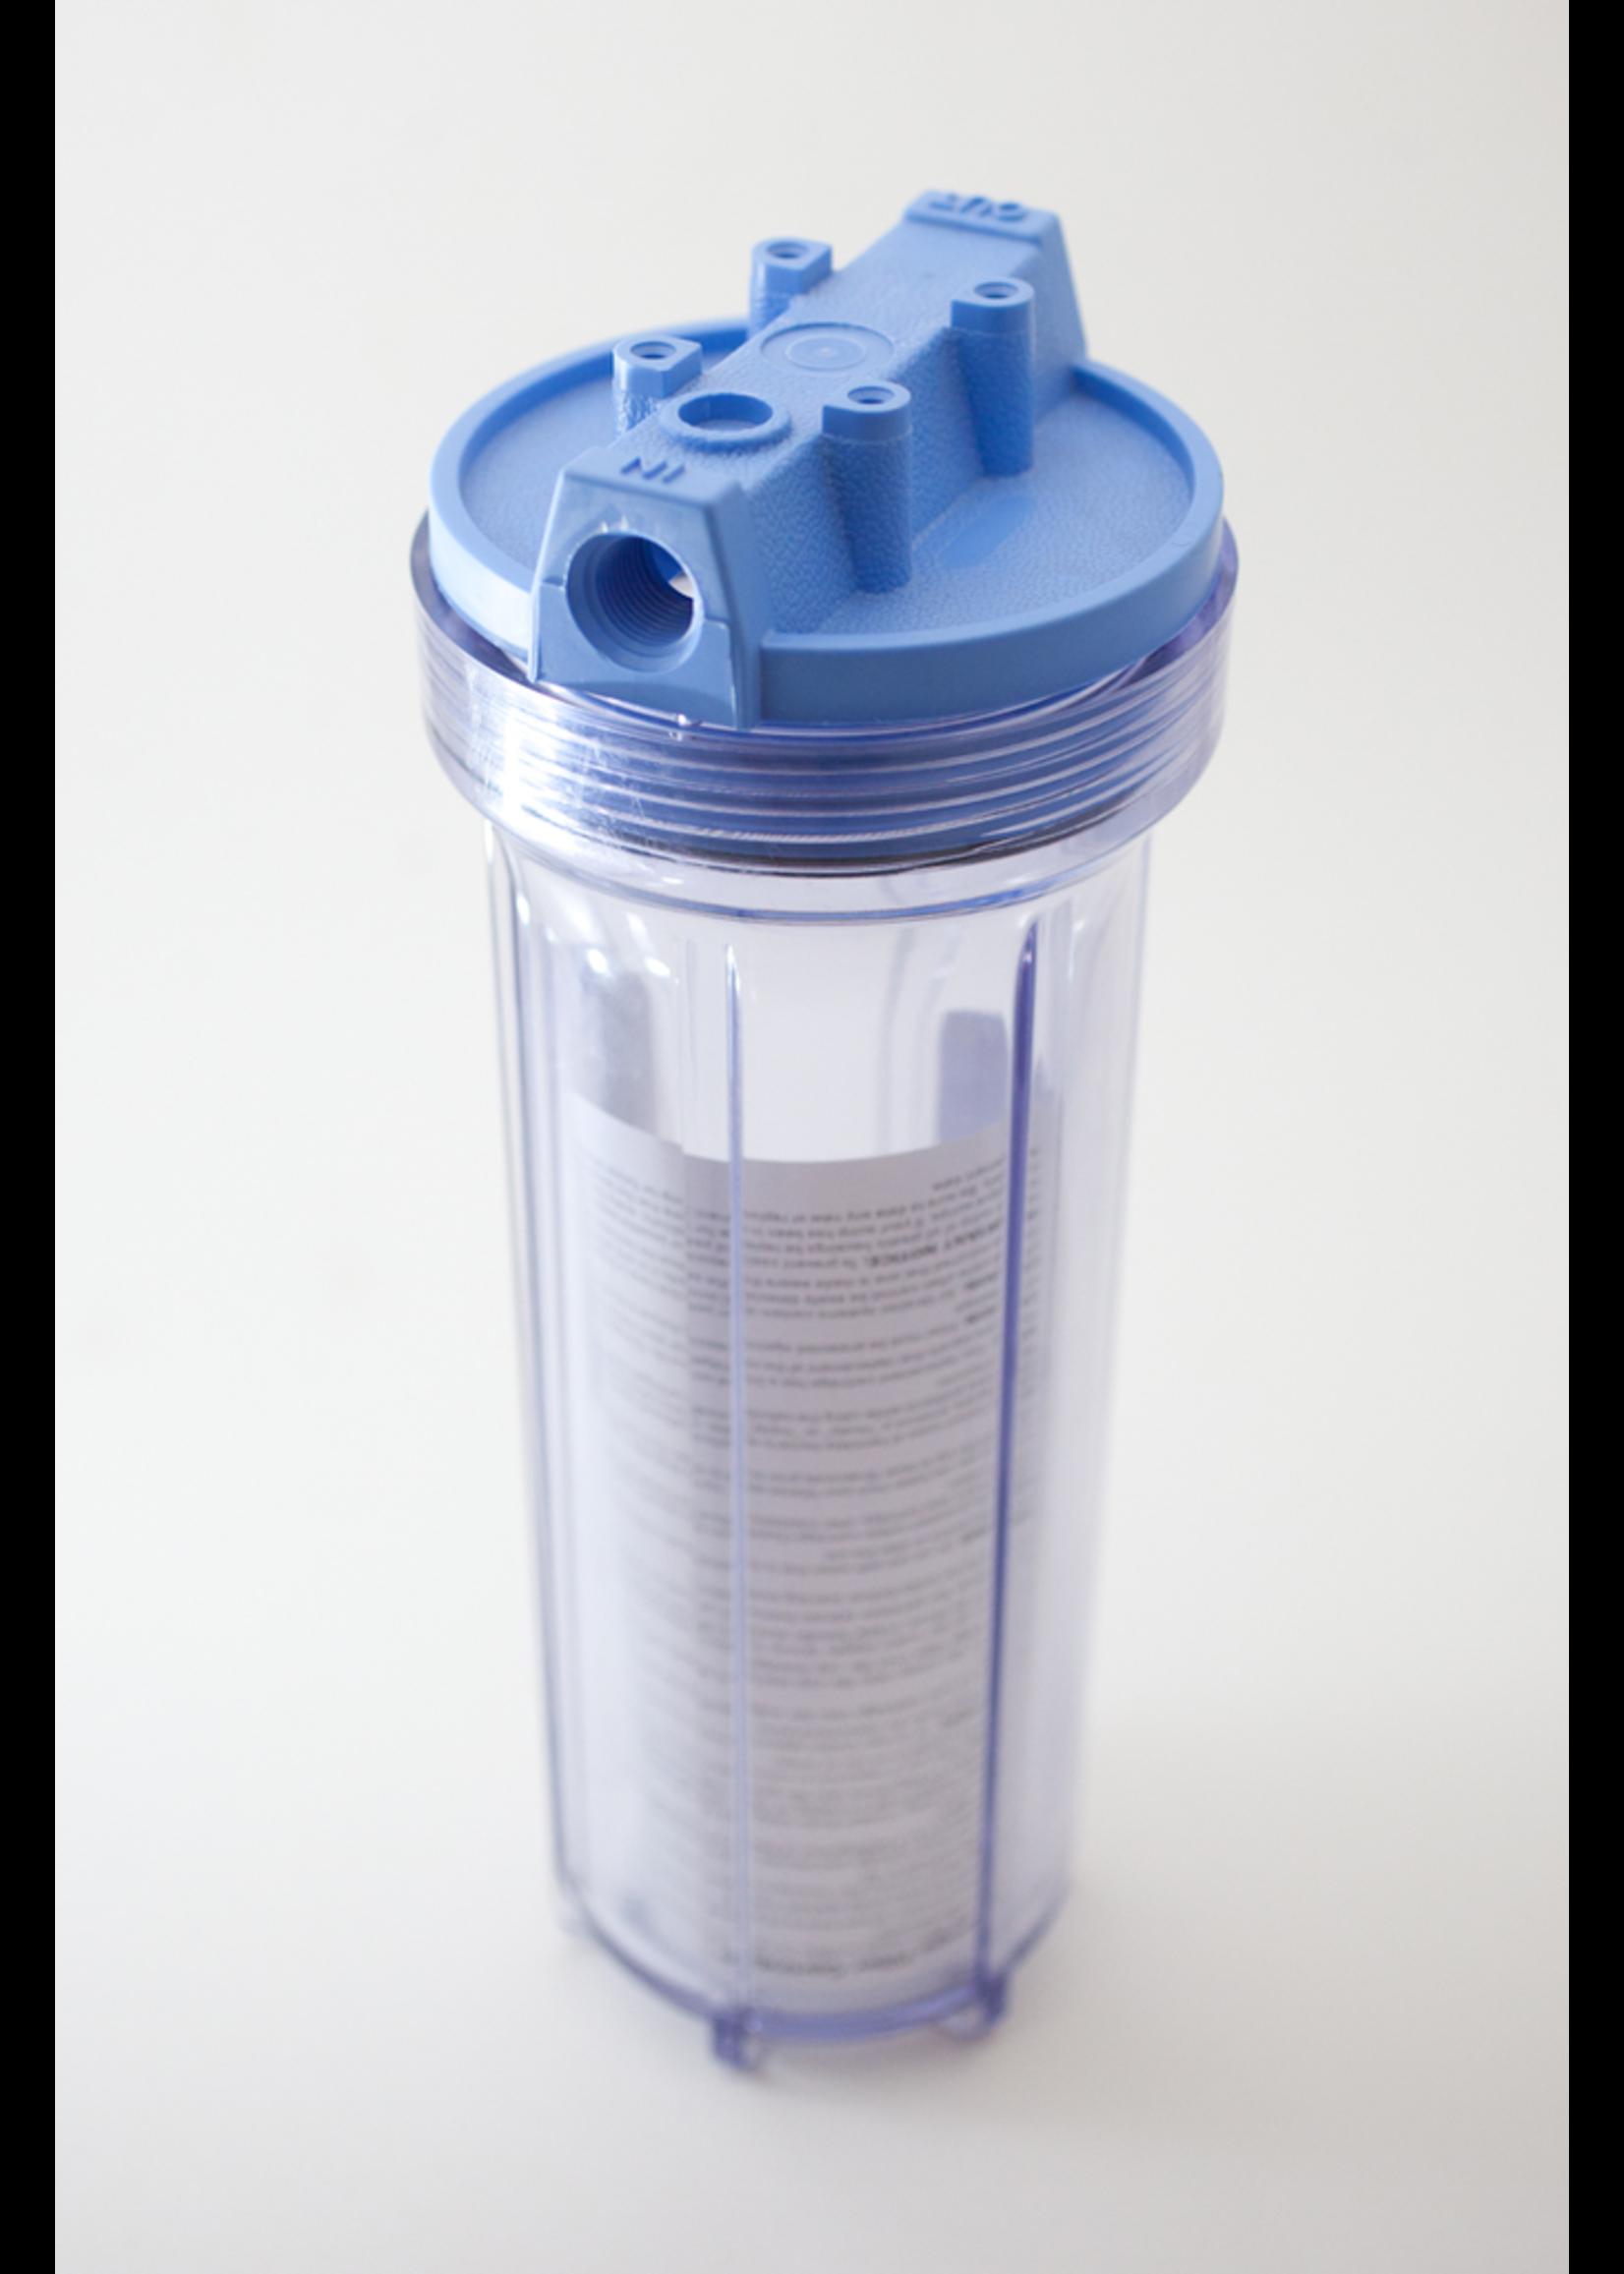 """Brewing Pentek 3/8"""" NPT Water Filter Housing - Fits 10"""" Filter Cartridges"""